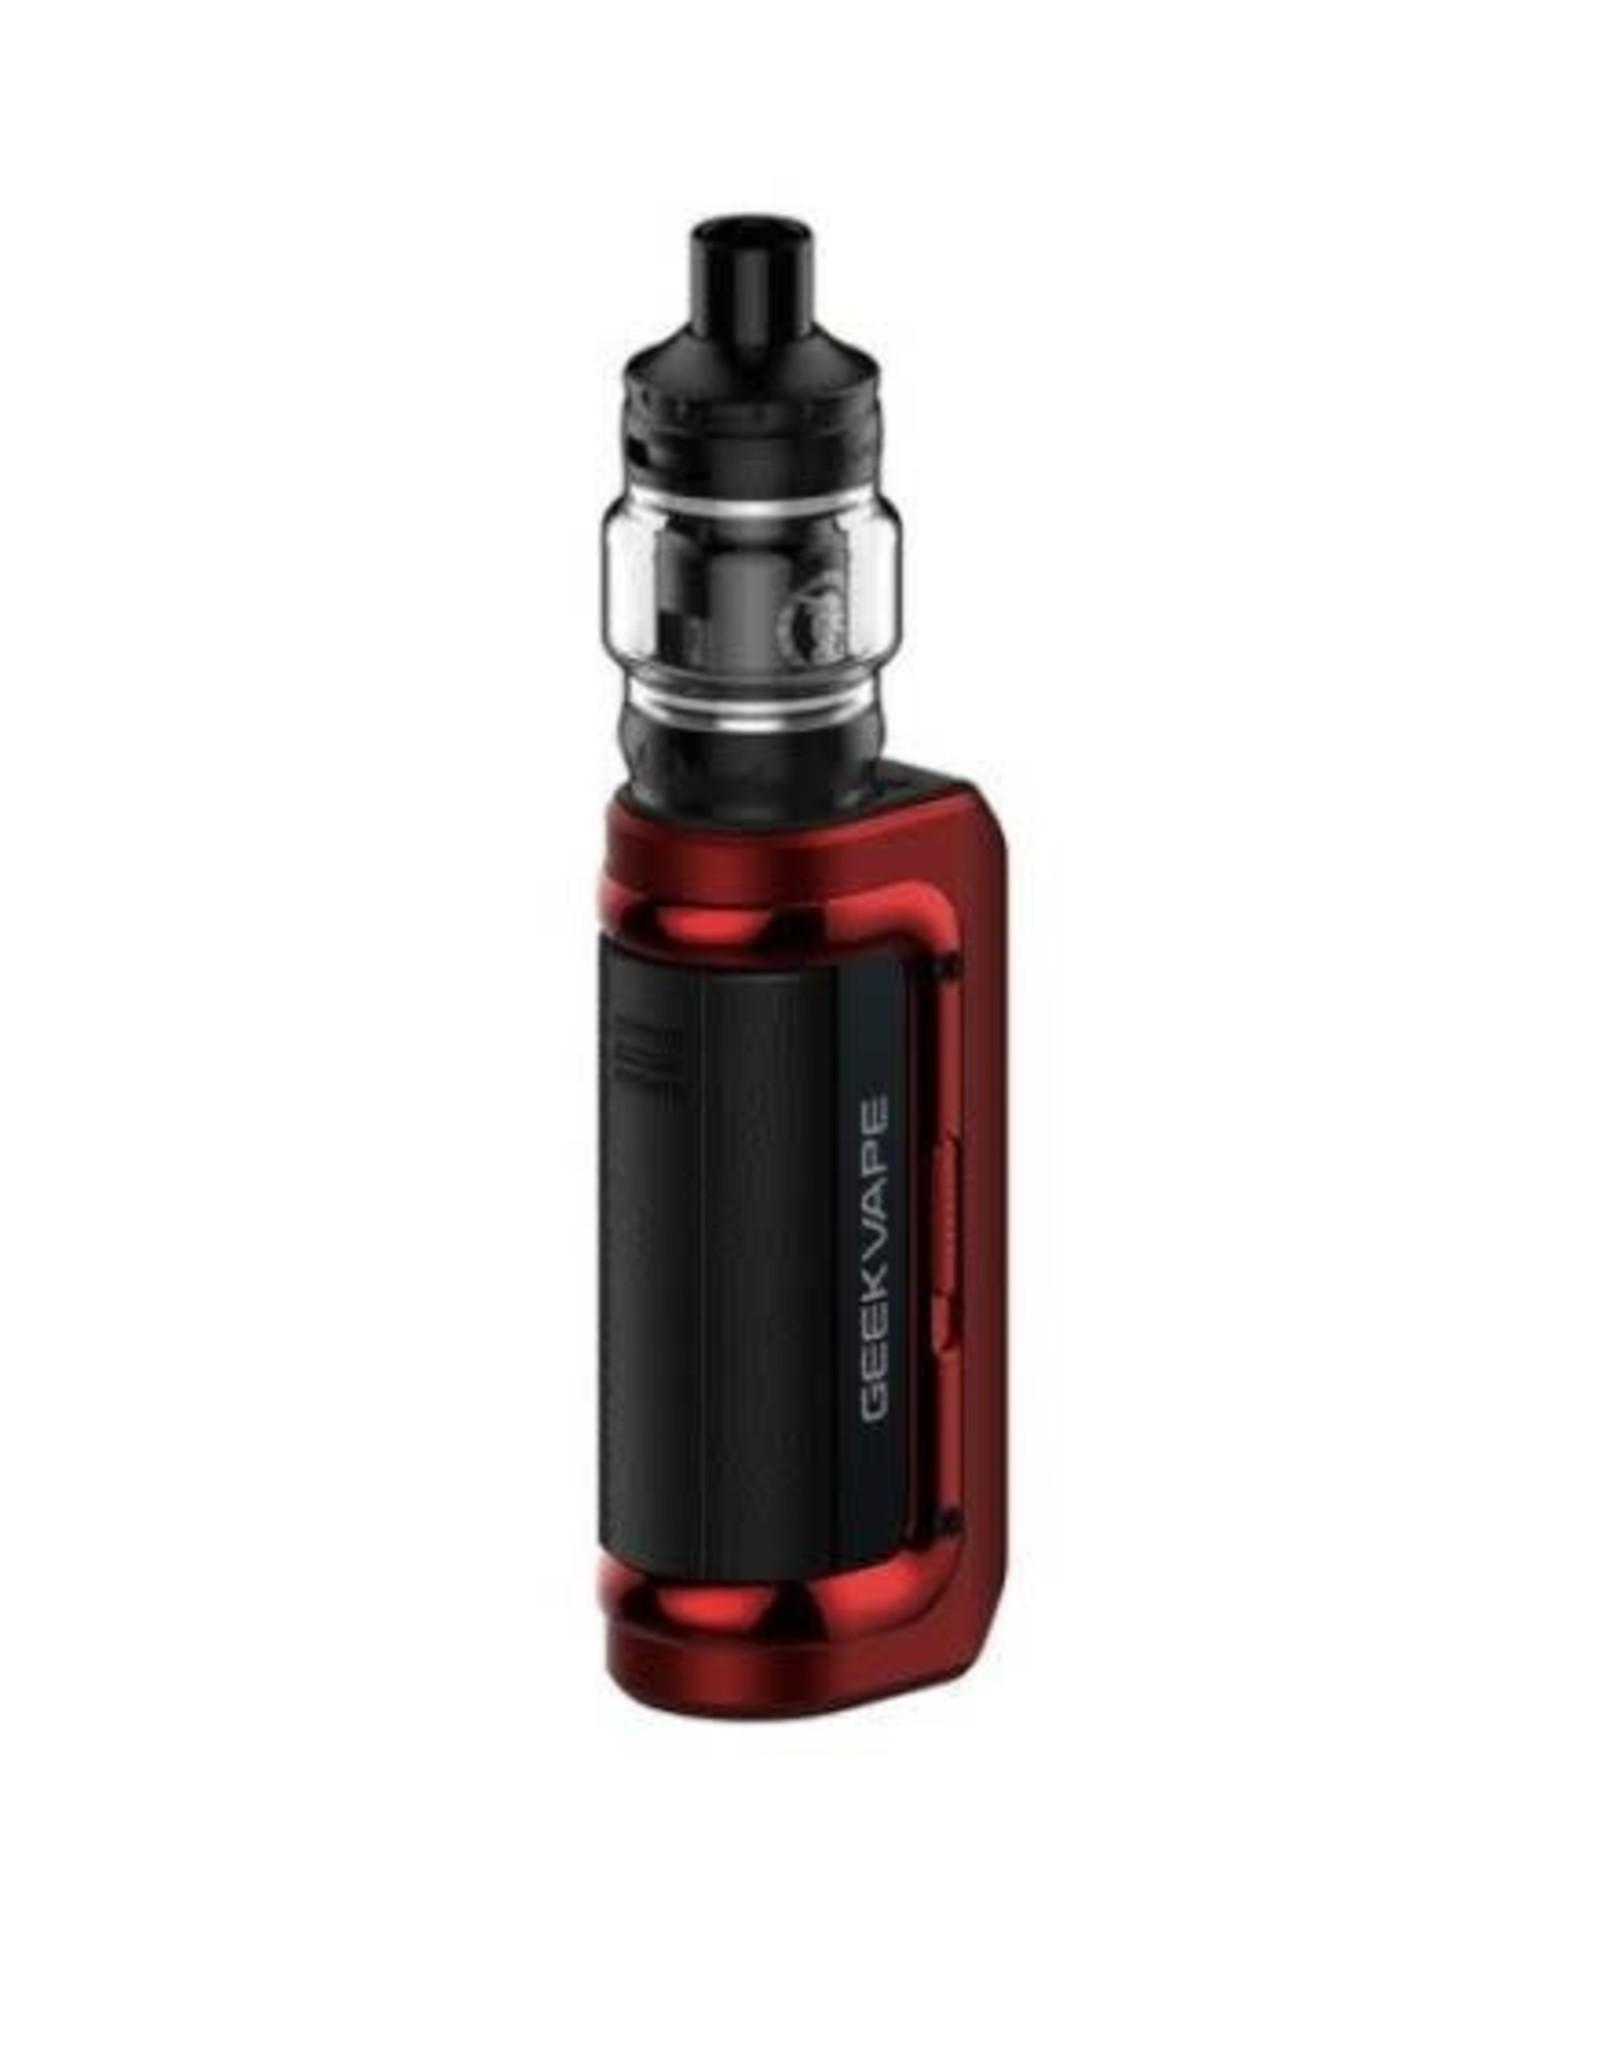 Geek Vape GeekVape M100 Aegis Mini 2 Kit